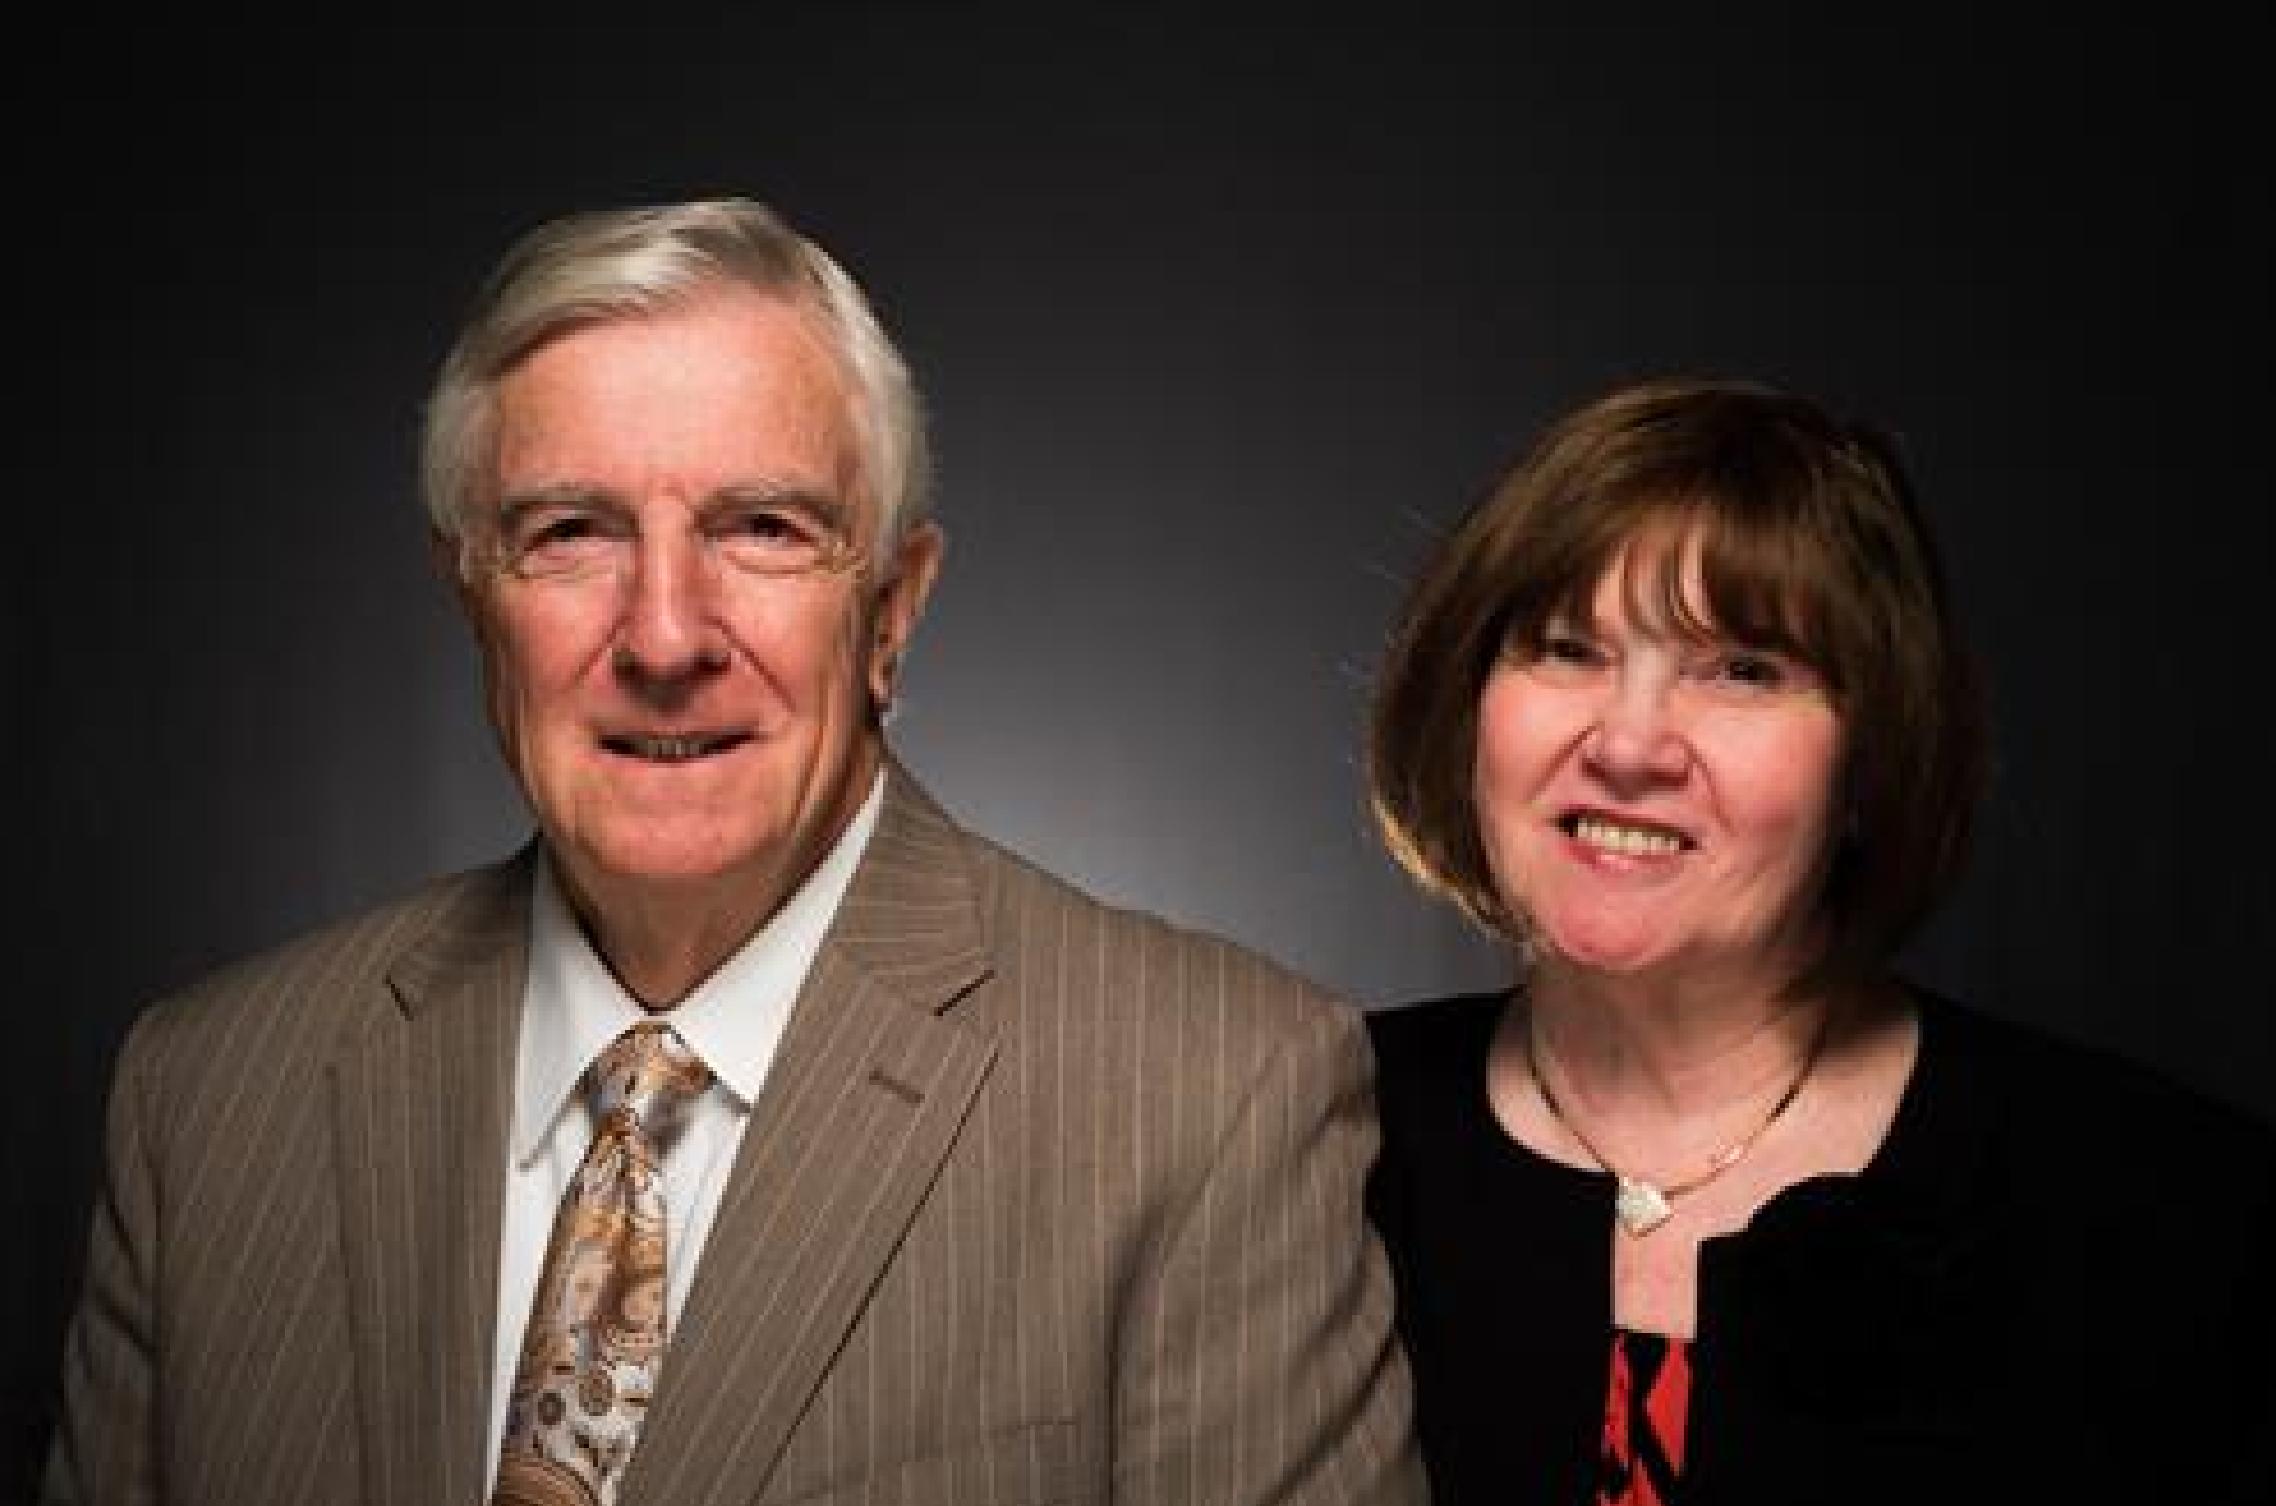 Dr. Don and Mrs. Wanda Ward